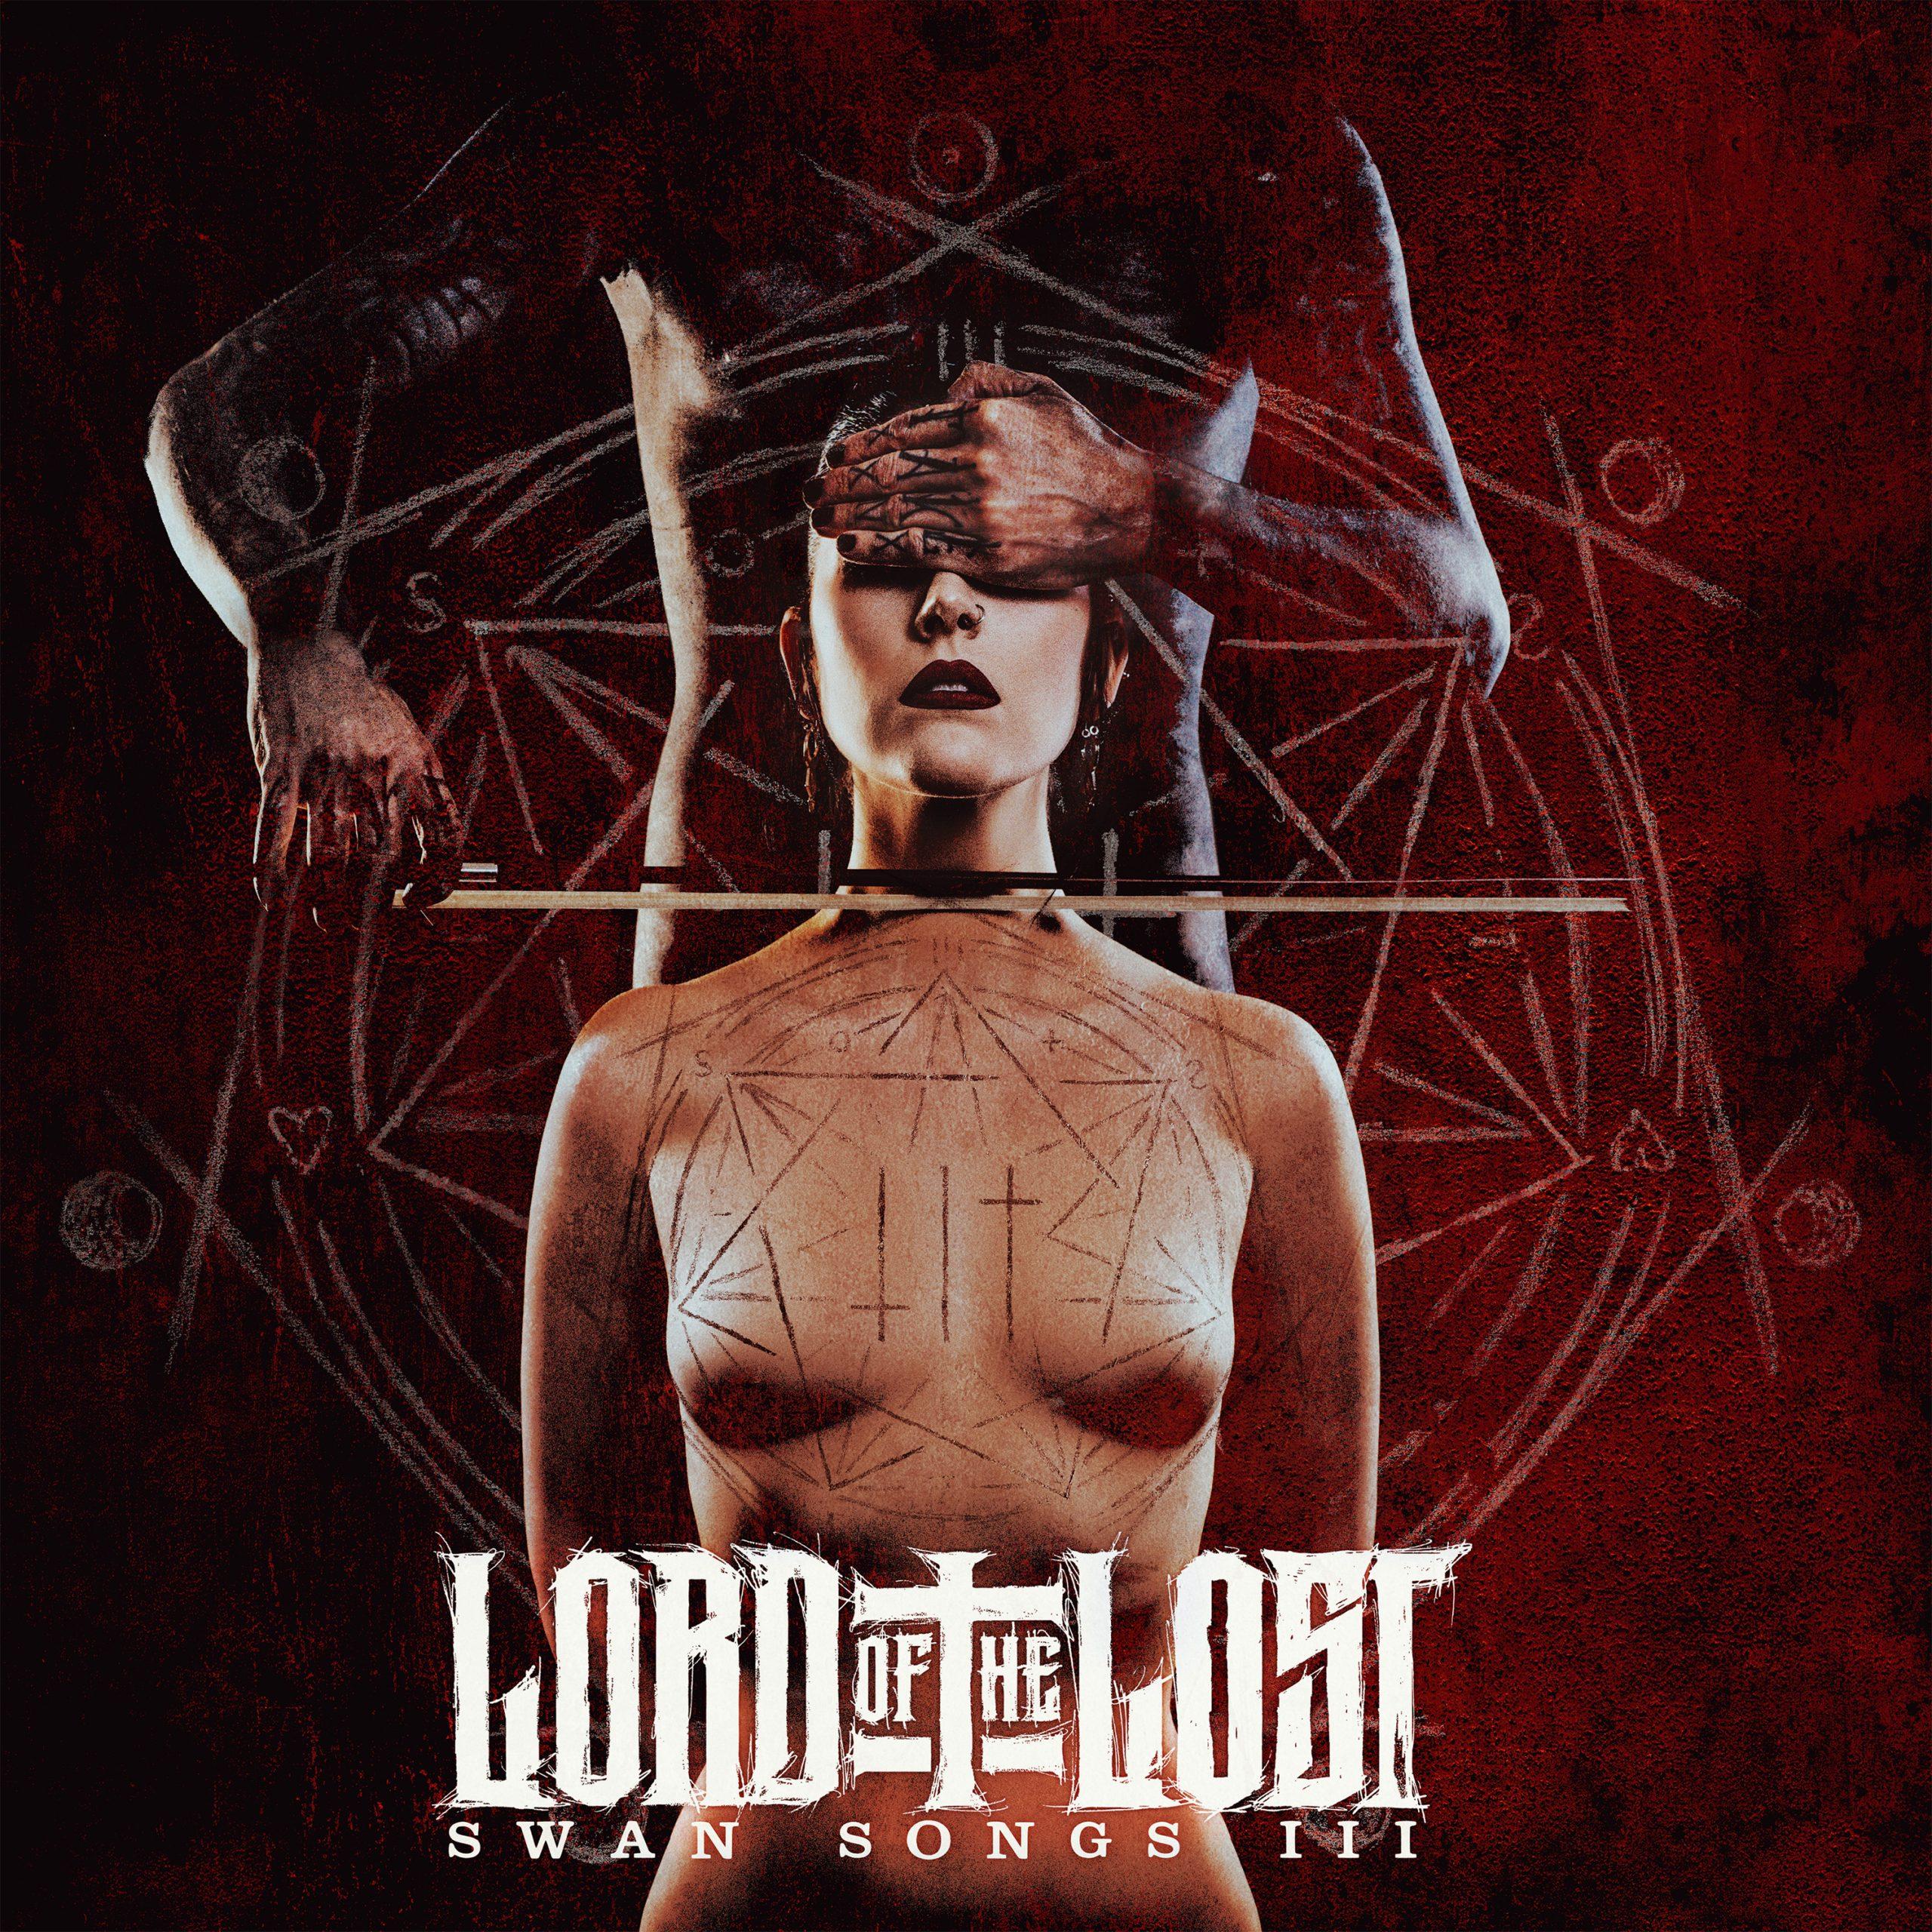 lord-of-the-lost-veroeffentlichen-swan-songs-iii-am-07-08-2020